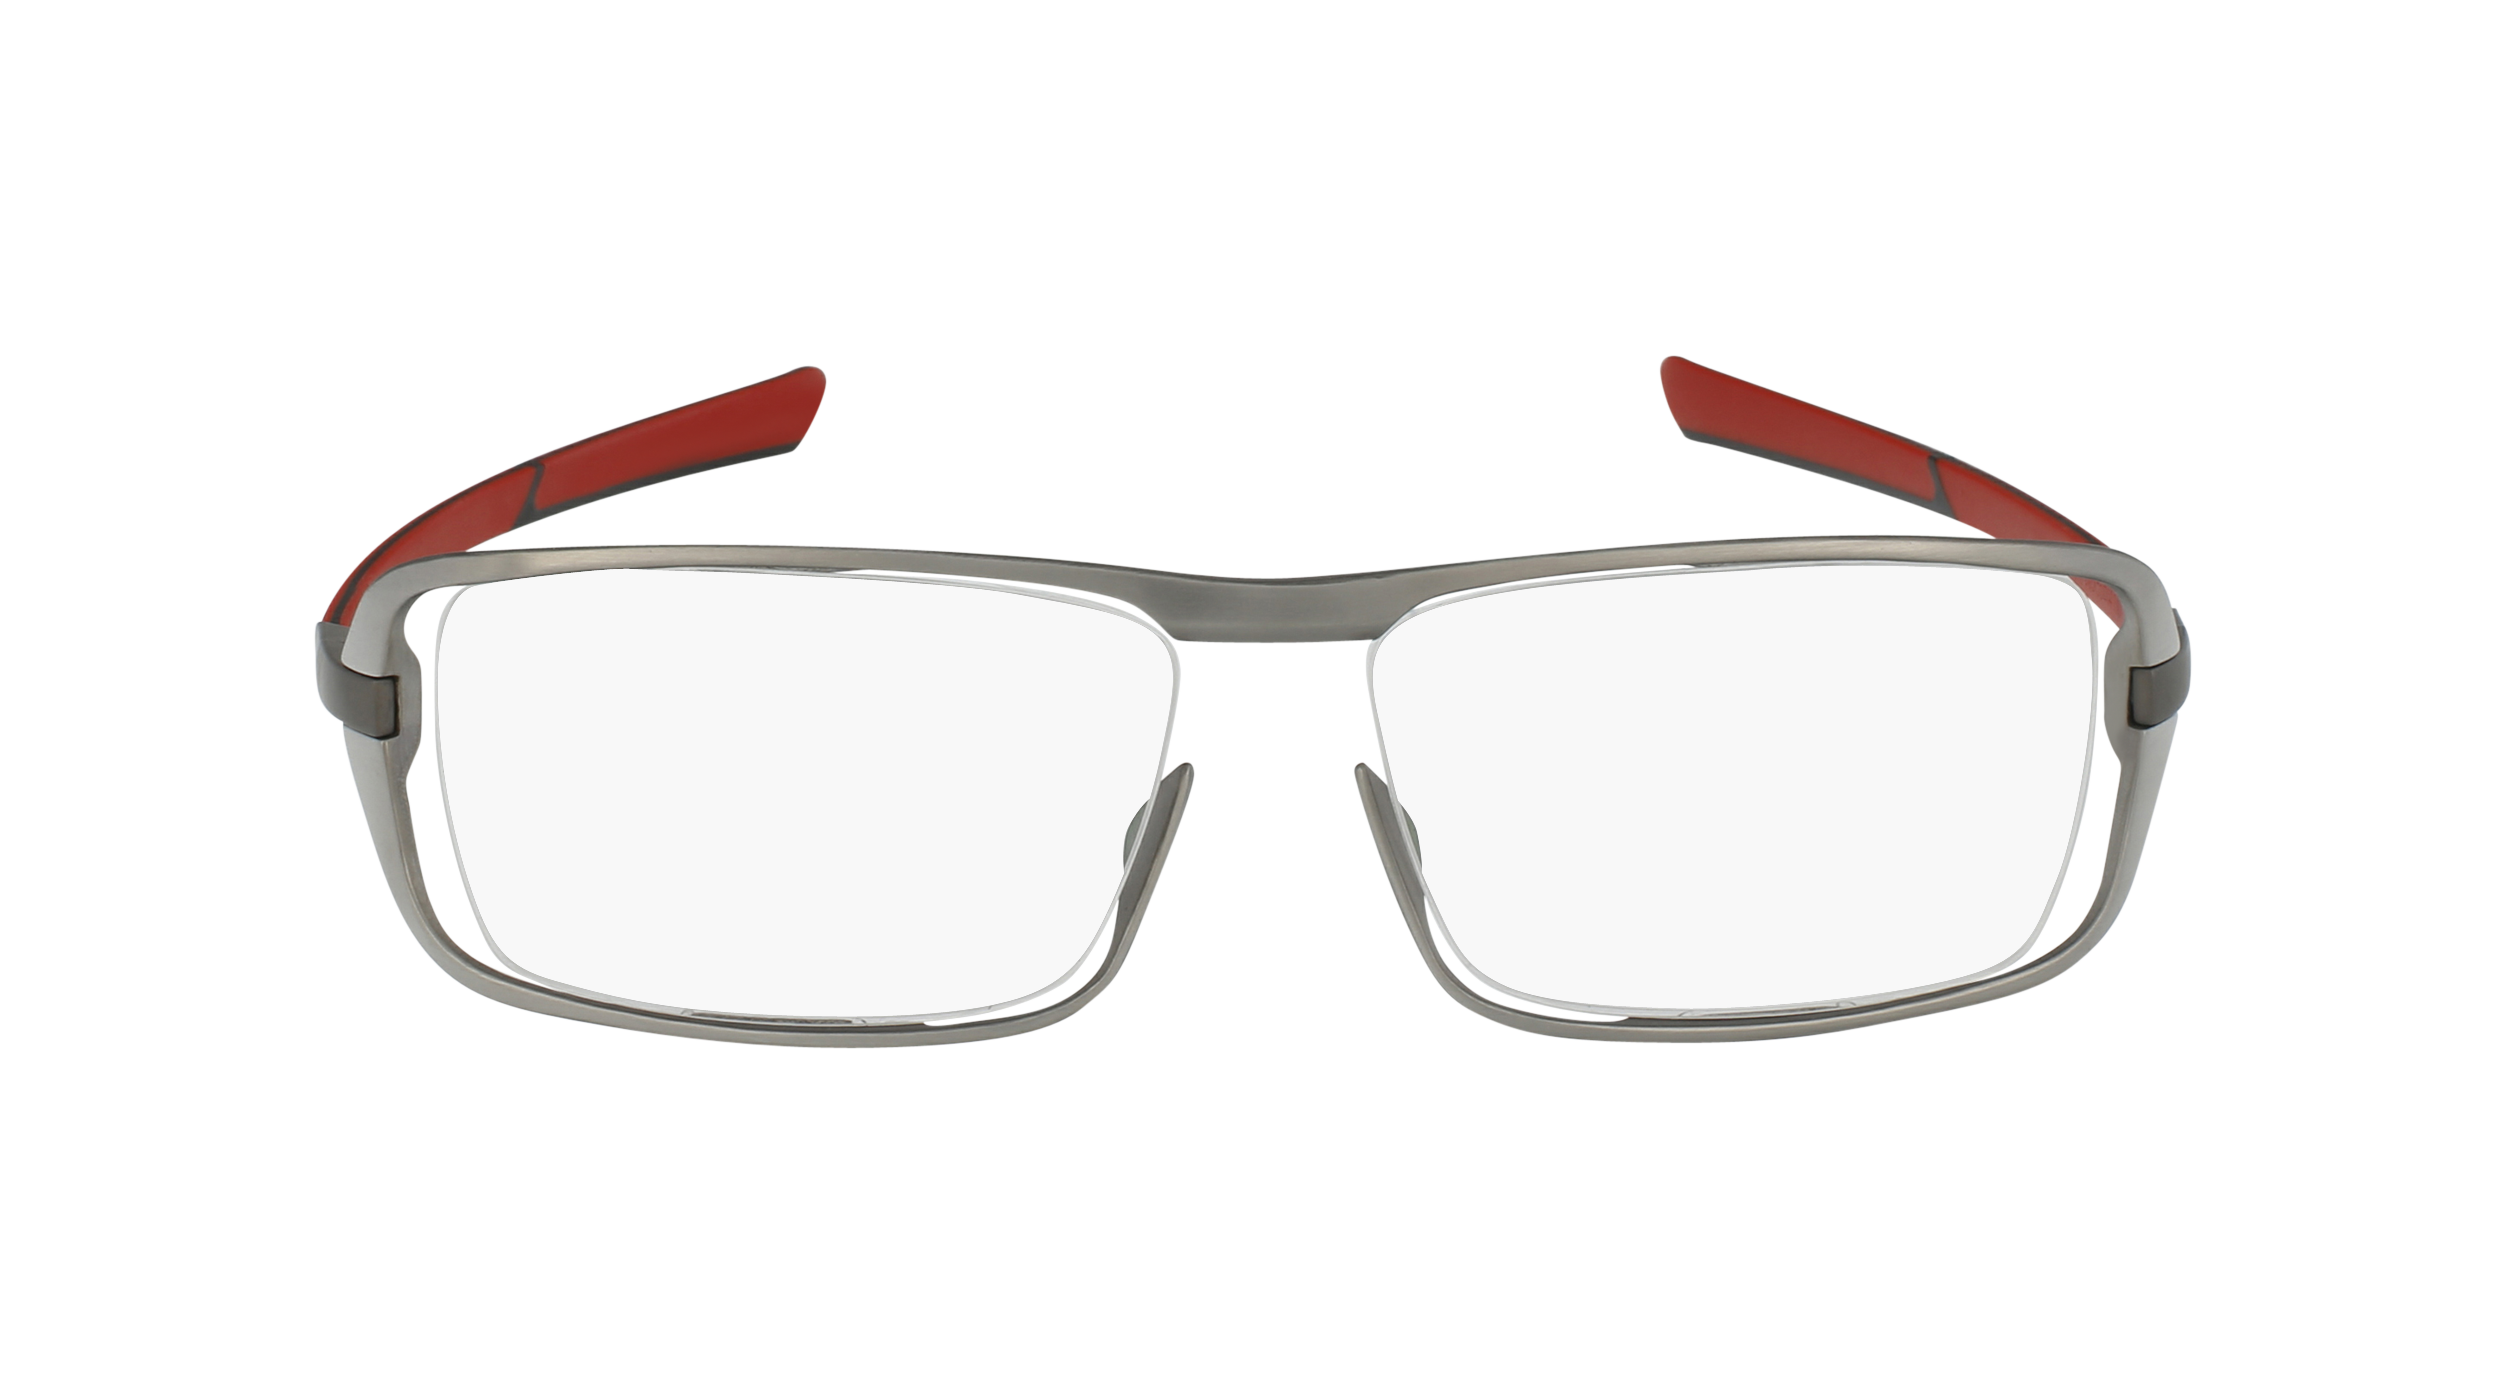 Style Name: MLULTO04.C03.55